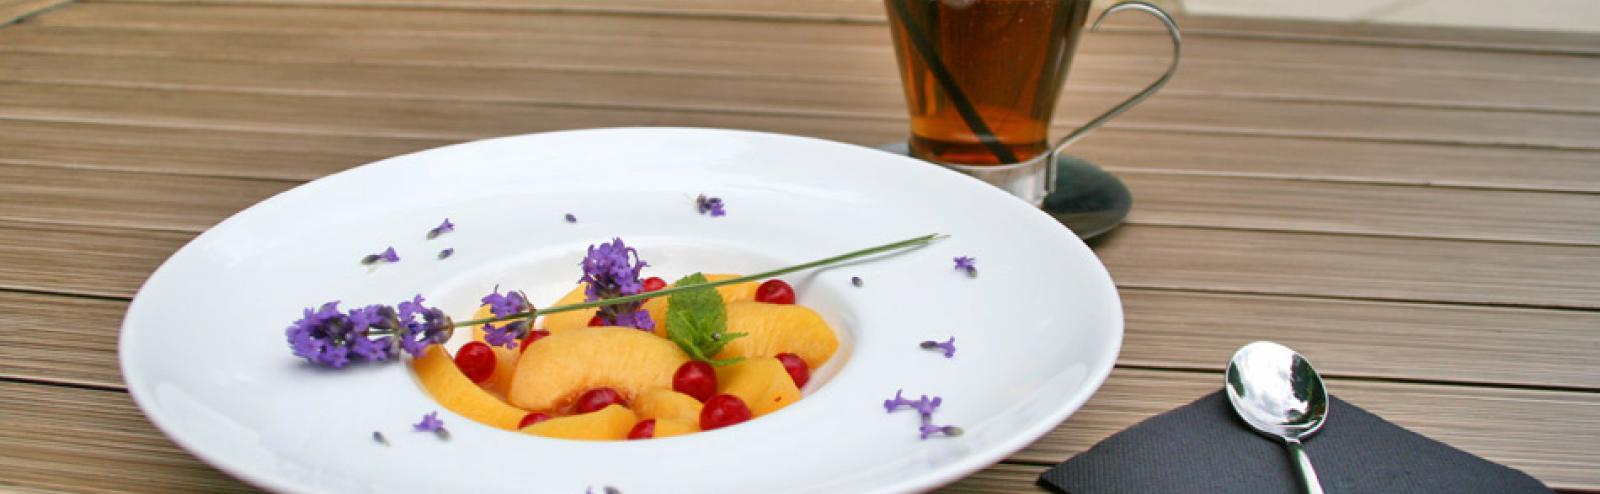 Recette de pêches pochées aux saveurs provençales - Chef Spa Hôtel Vichy